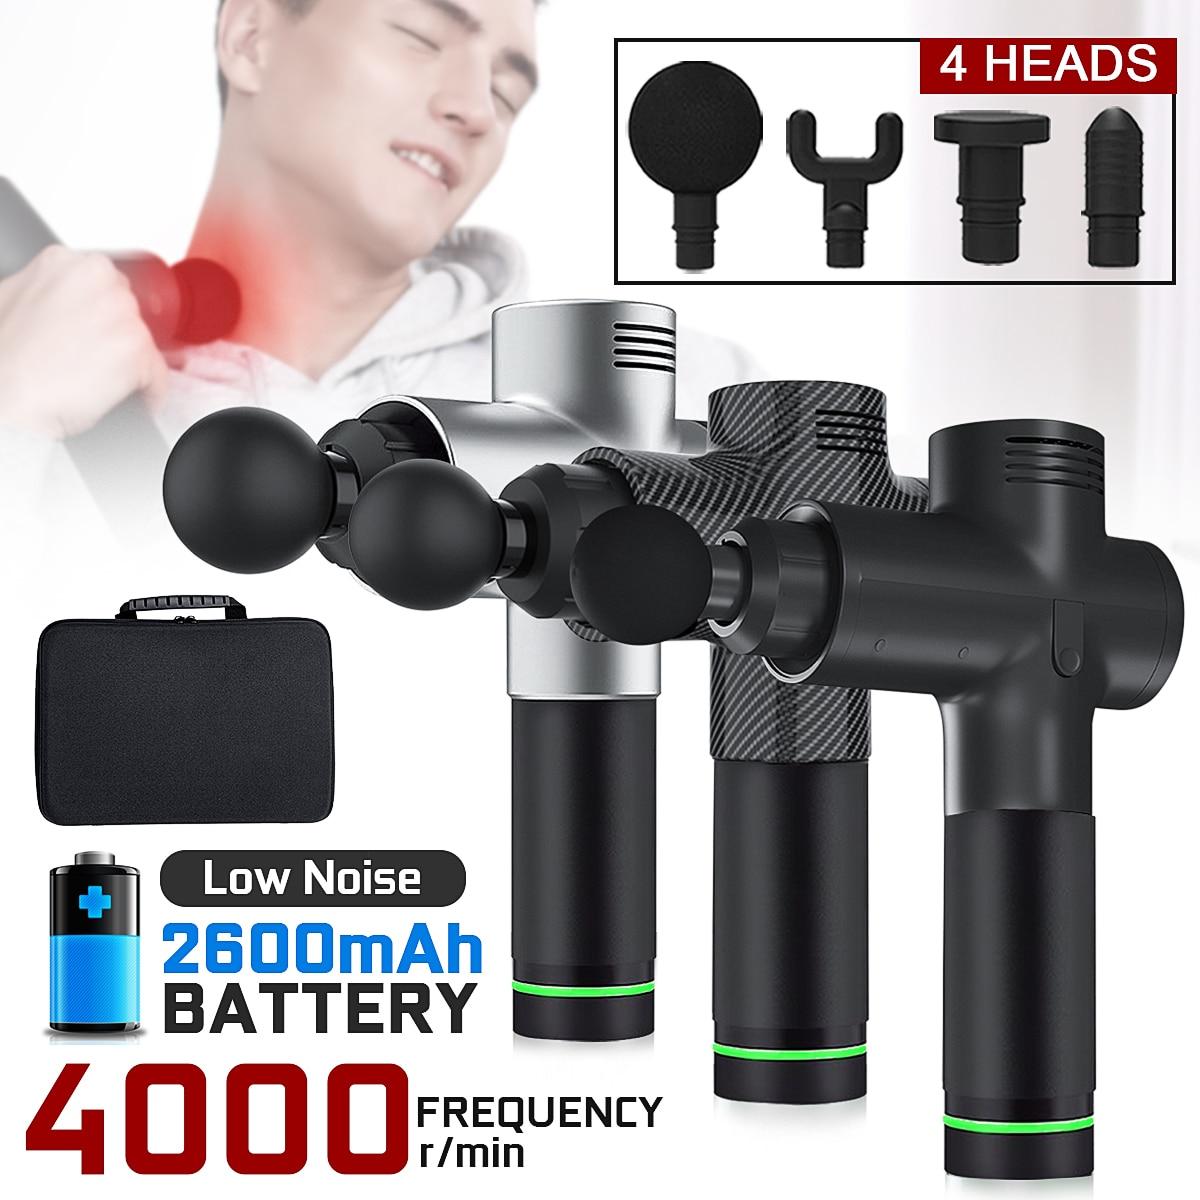 4000r/min thérapie pistolets de Massage 3 vitesses masseur musculaire douleur Sport Machine de Massage Relax corps minceur soulagement 4 têtes avec sac